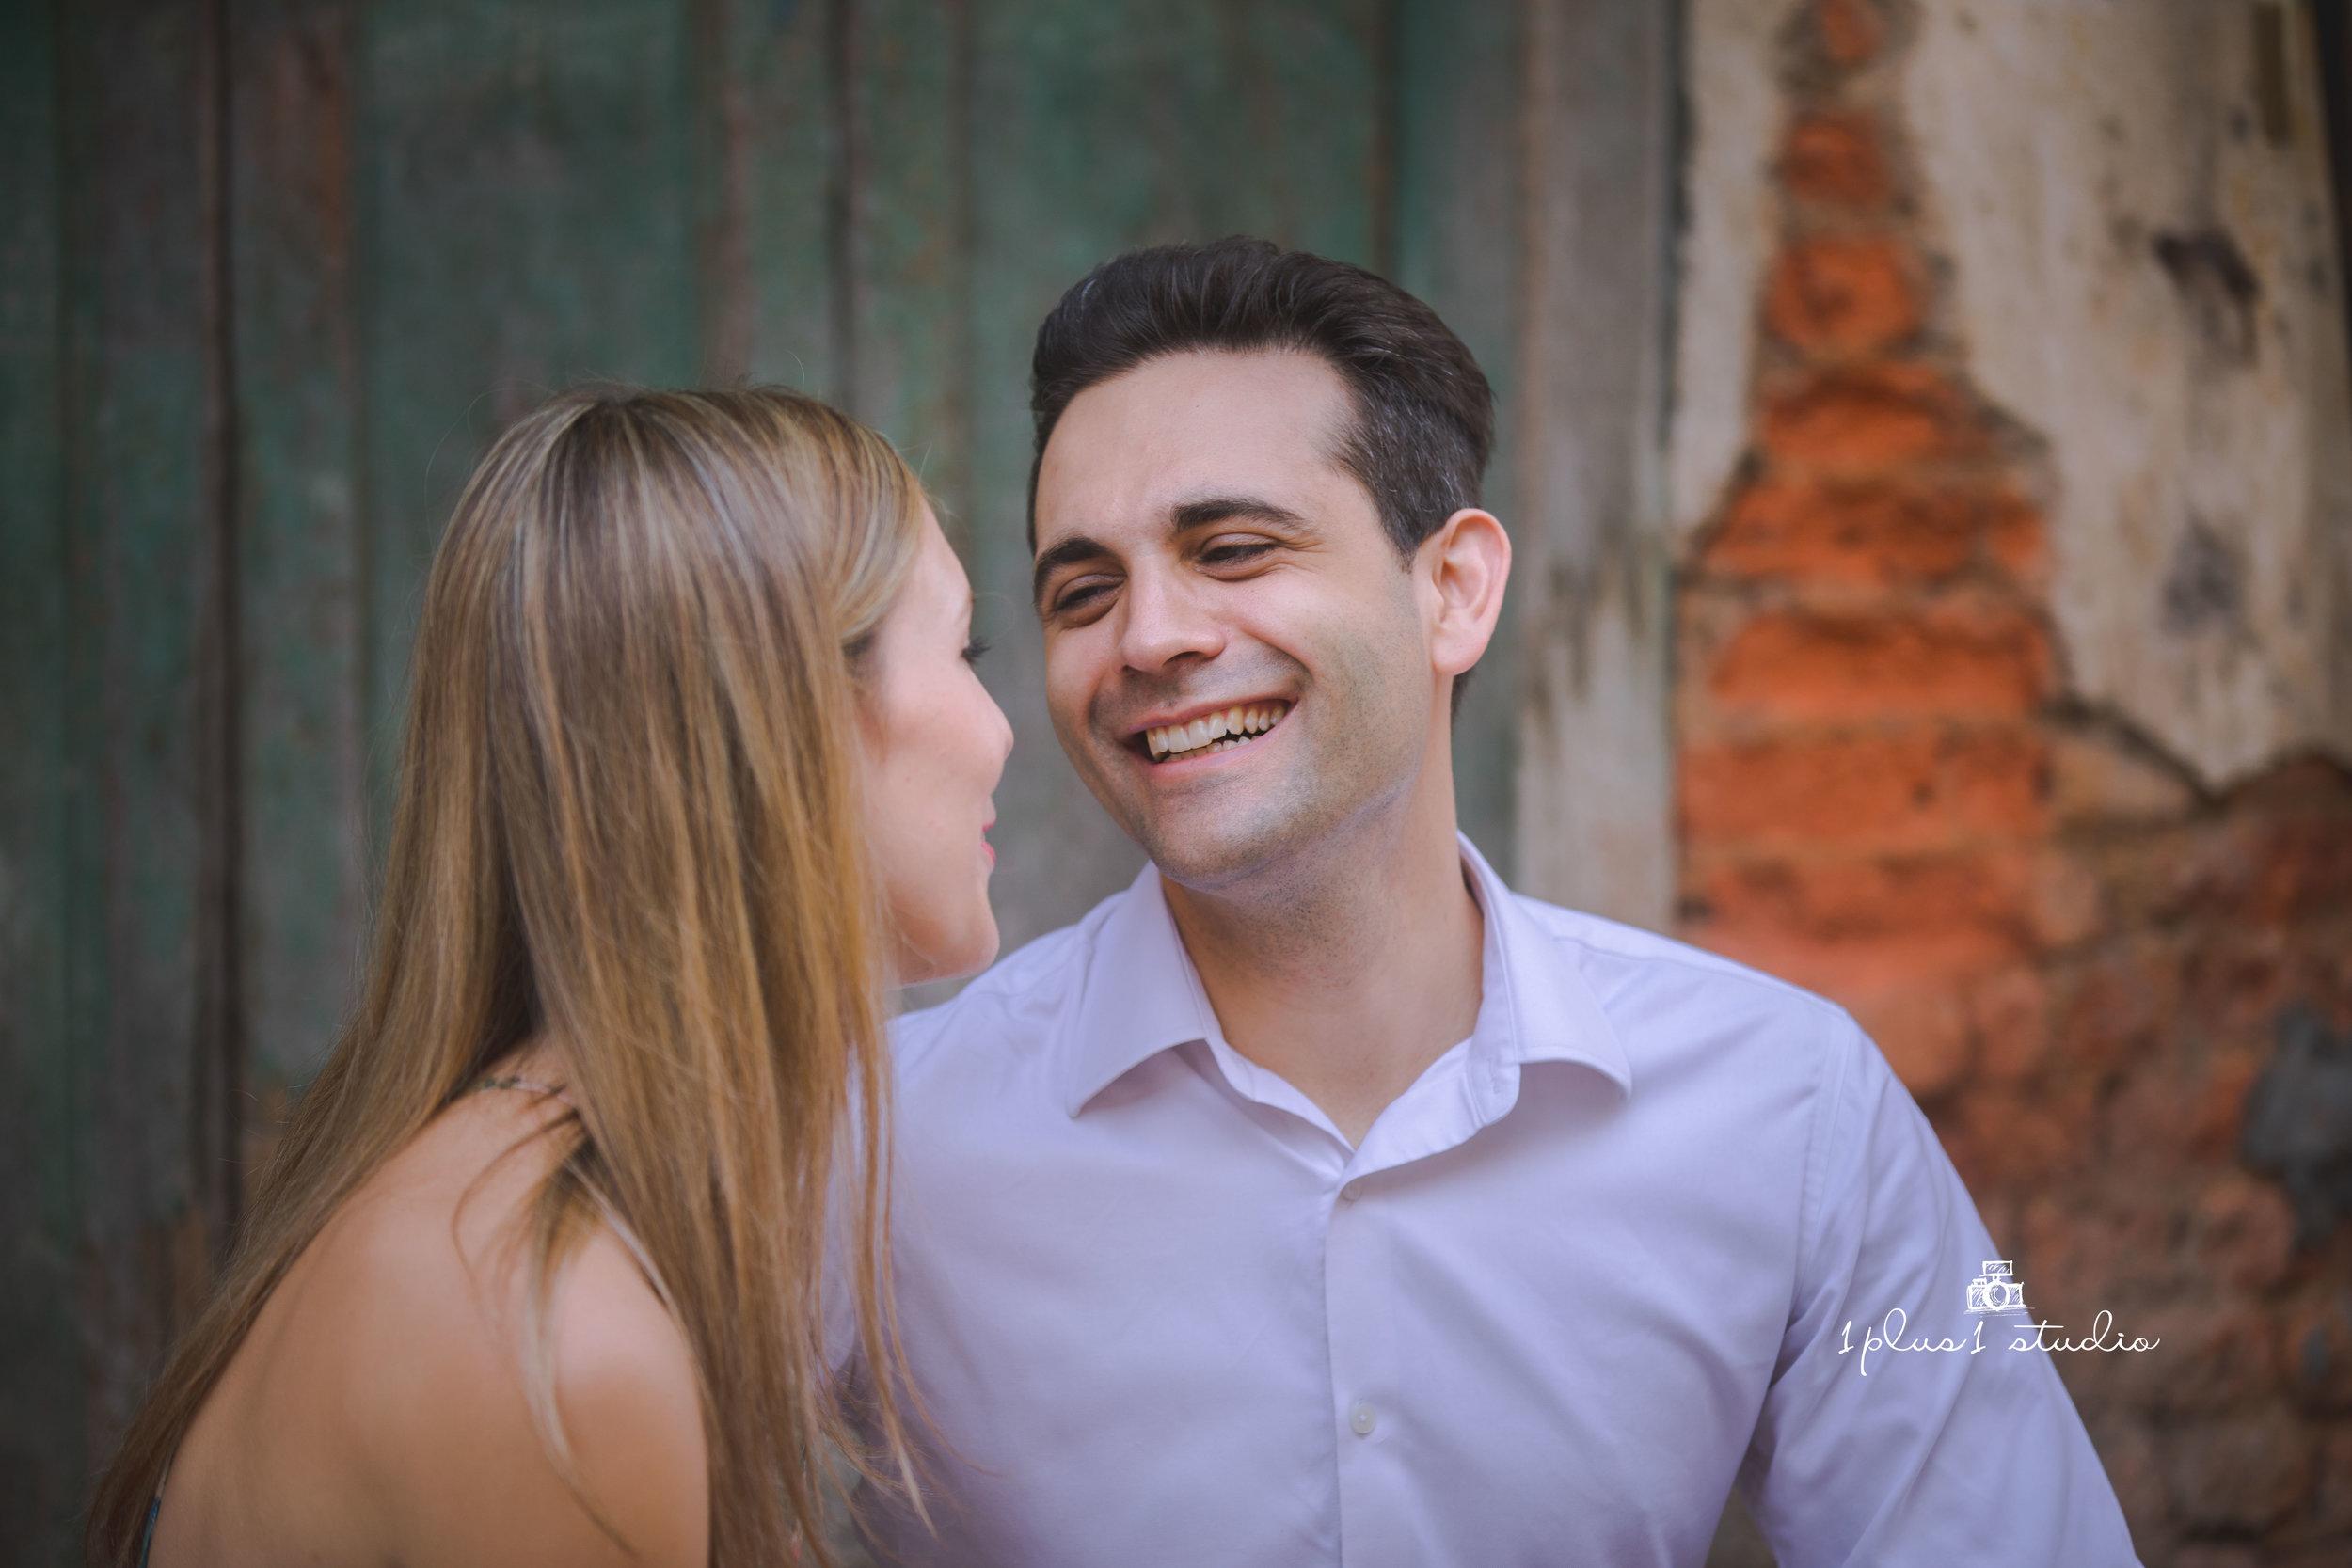 Couple shoot | Candid wedding photography-8.jpg